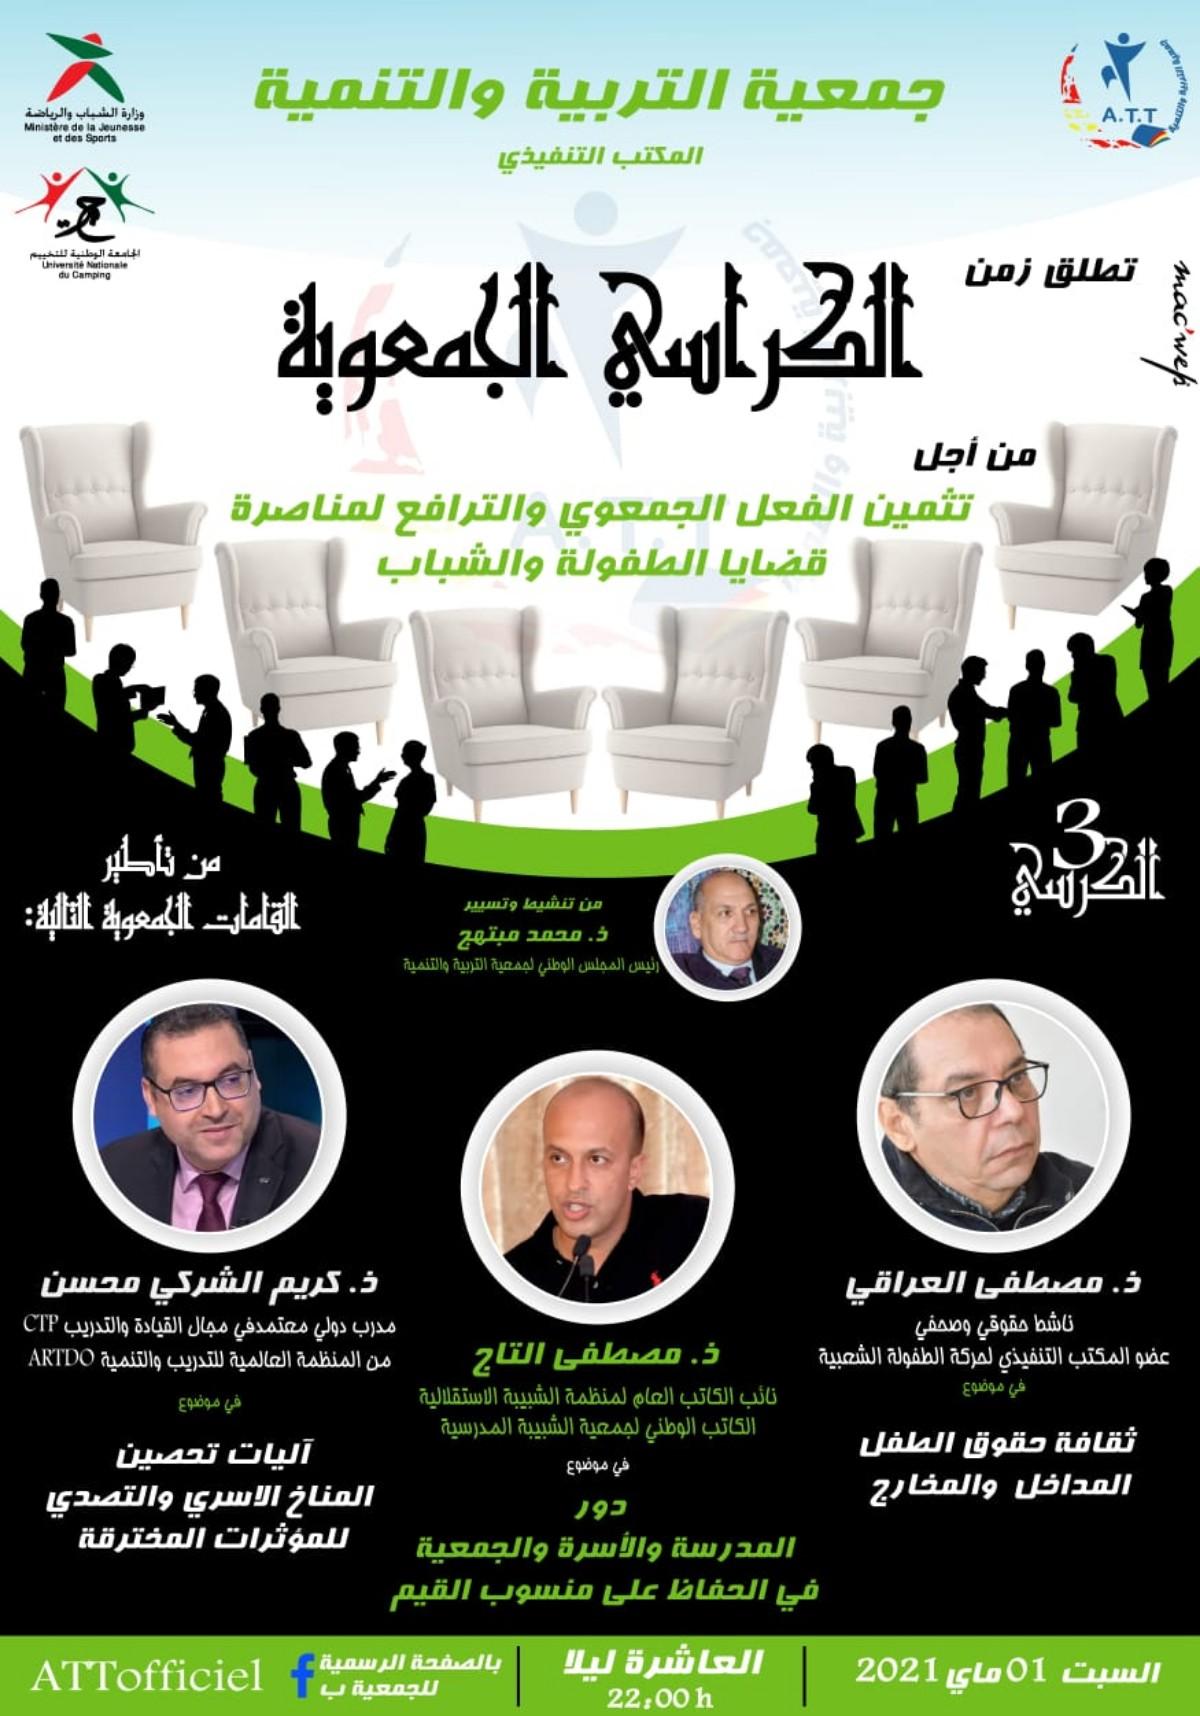 كراسي جمعوية لجمعية التربية والتنميةATT الندوة الثالثة